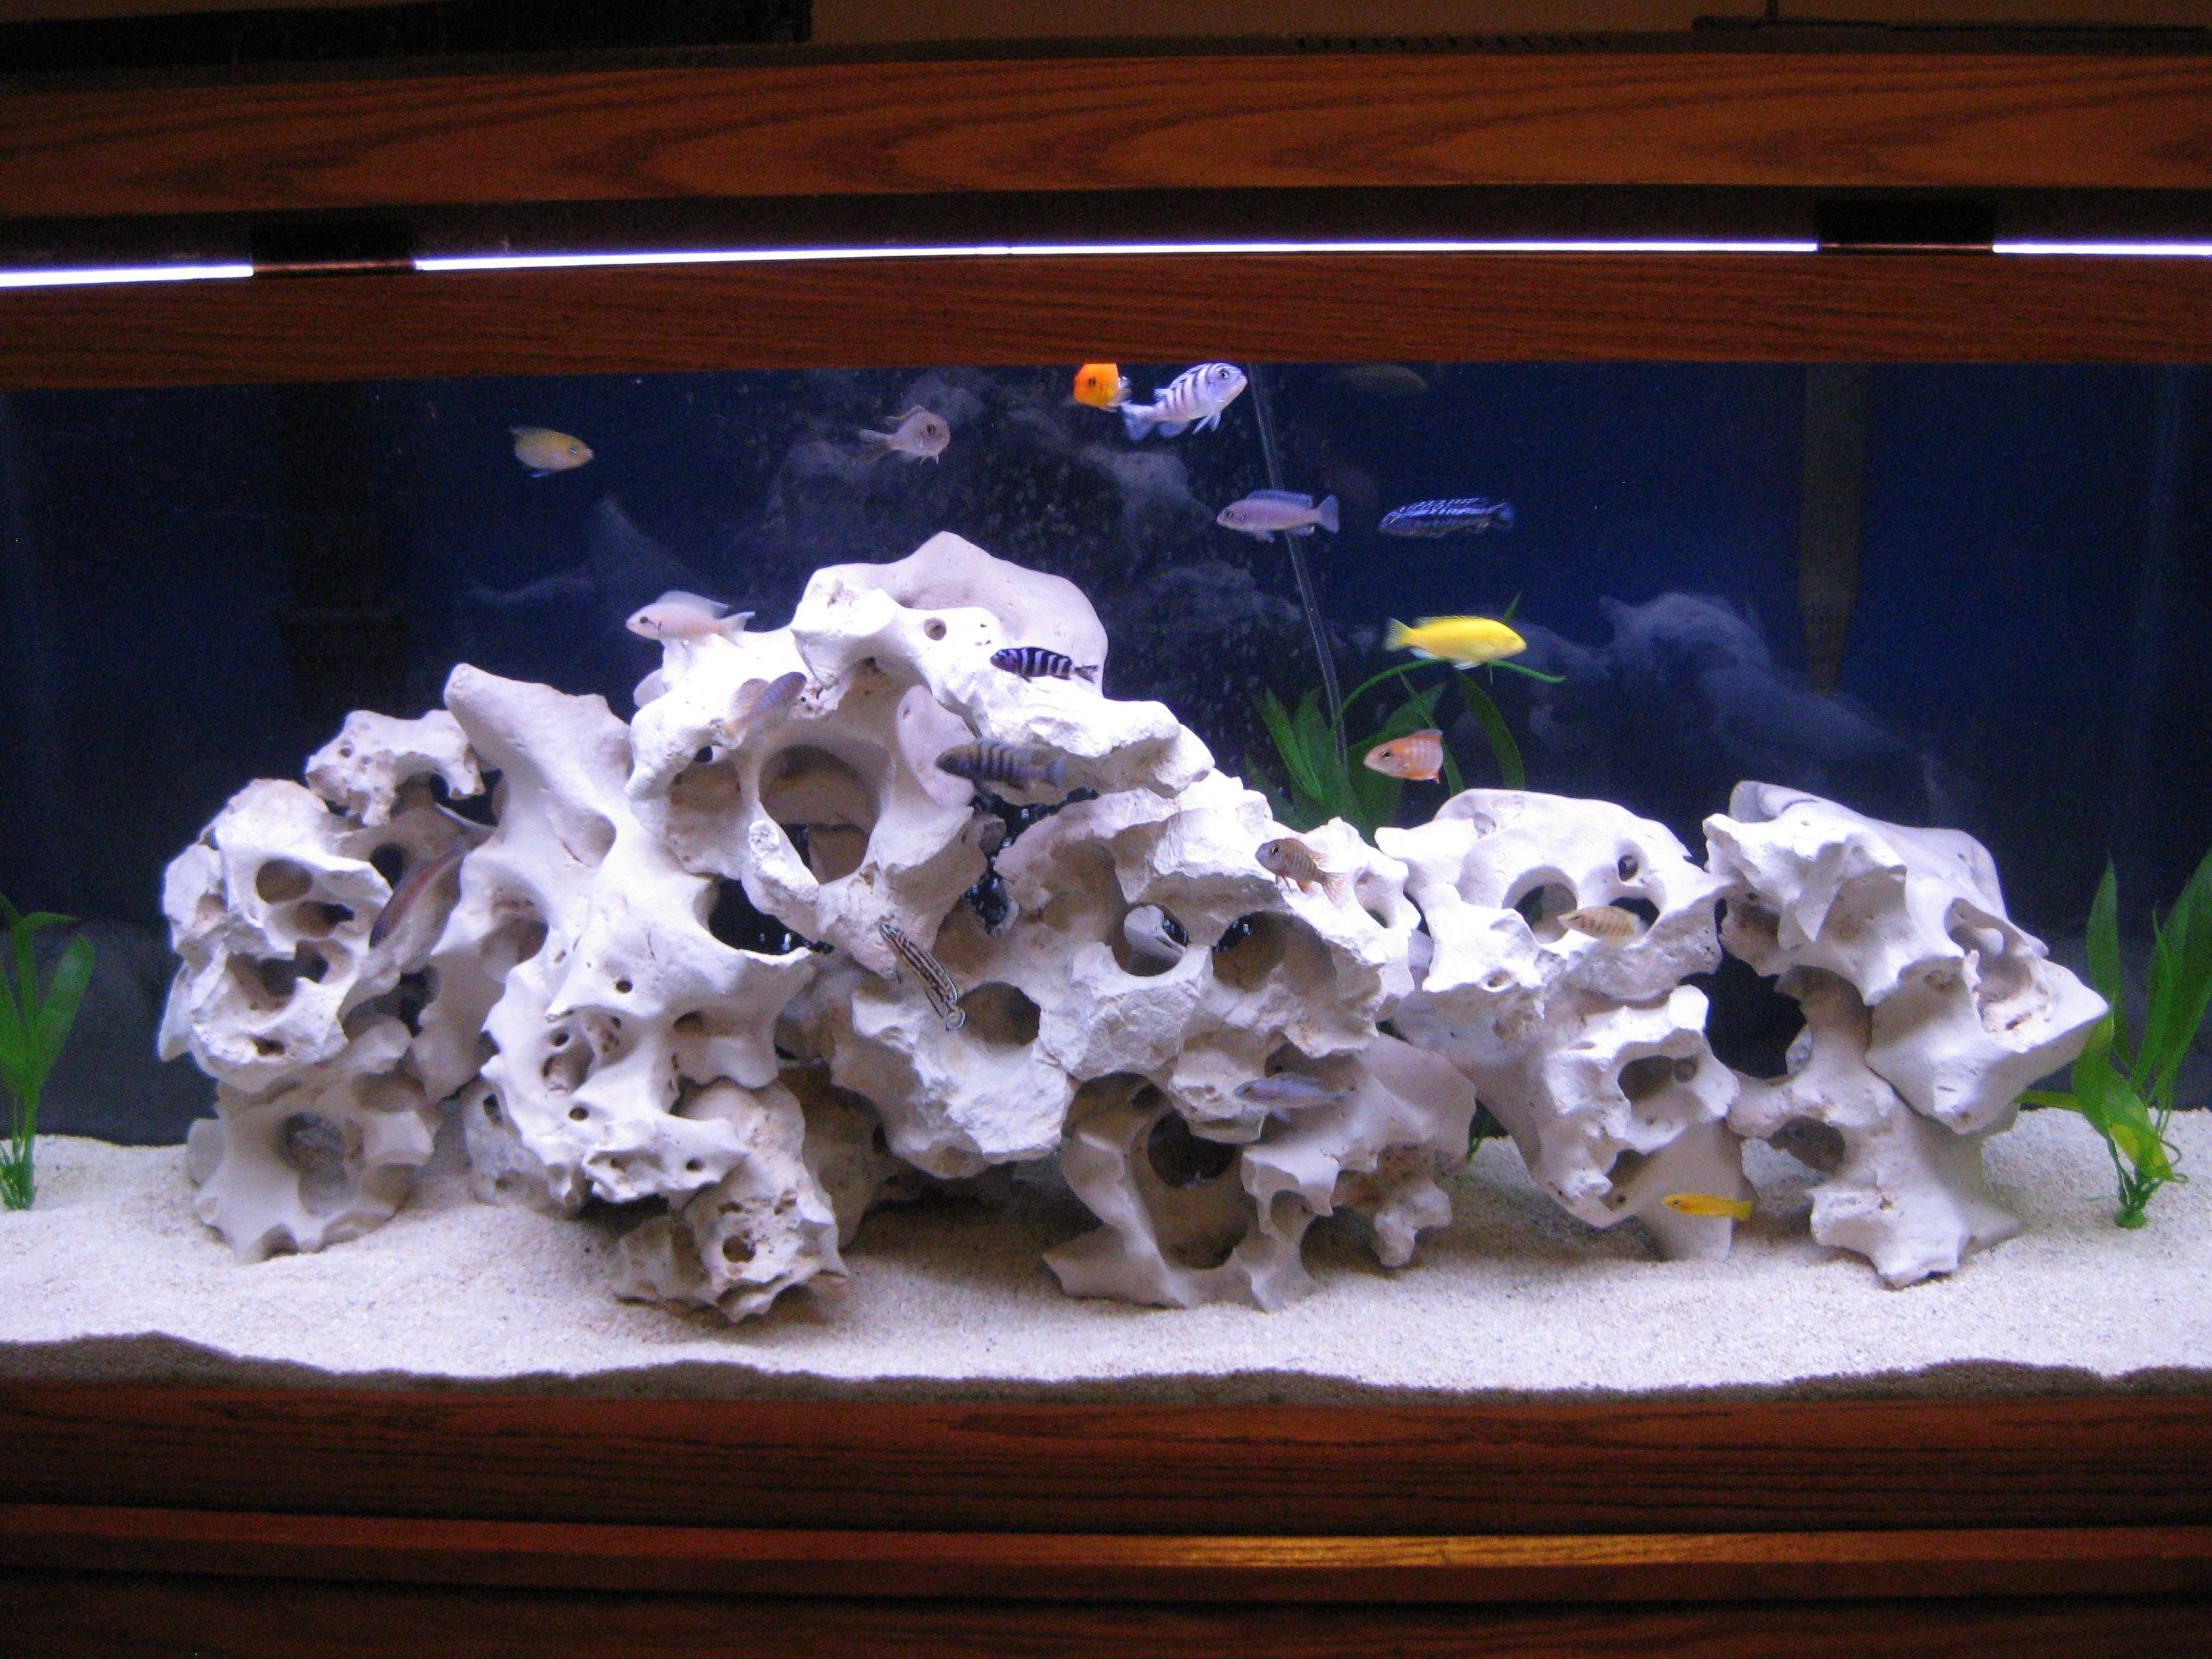 3d1ae9ce0502608c0149a67cb895fbc1 Luxe De Crevette Aquarium Des Idées